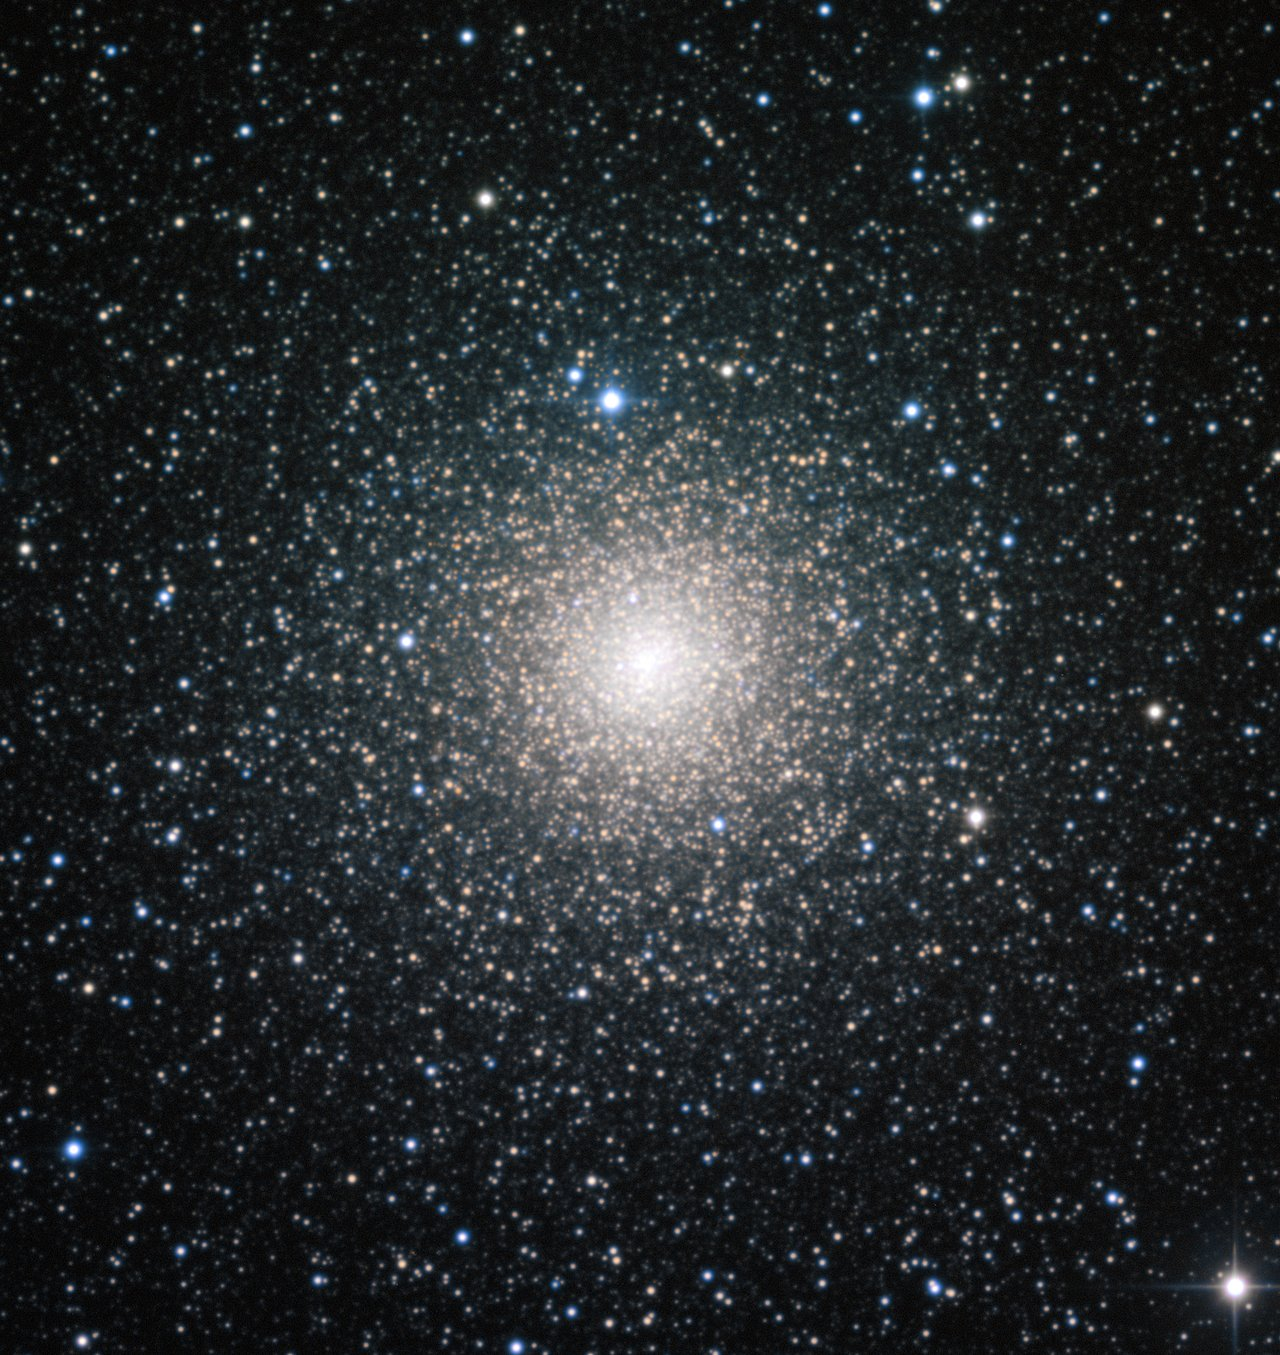 El cúmulo globular NGC 6388 observado por el Observatorio Europeo Austral